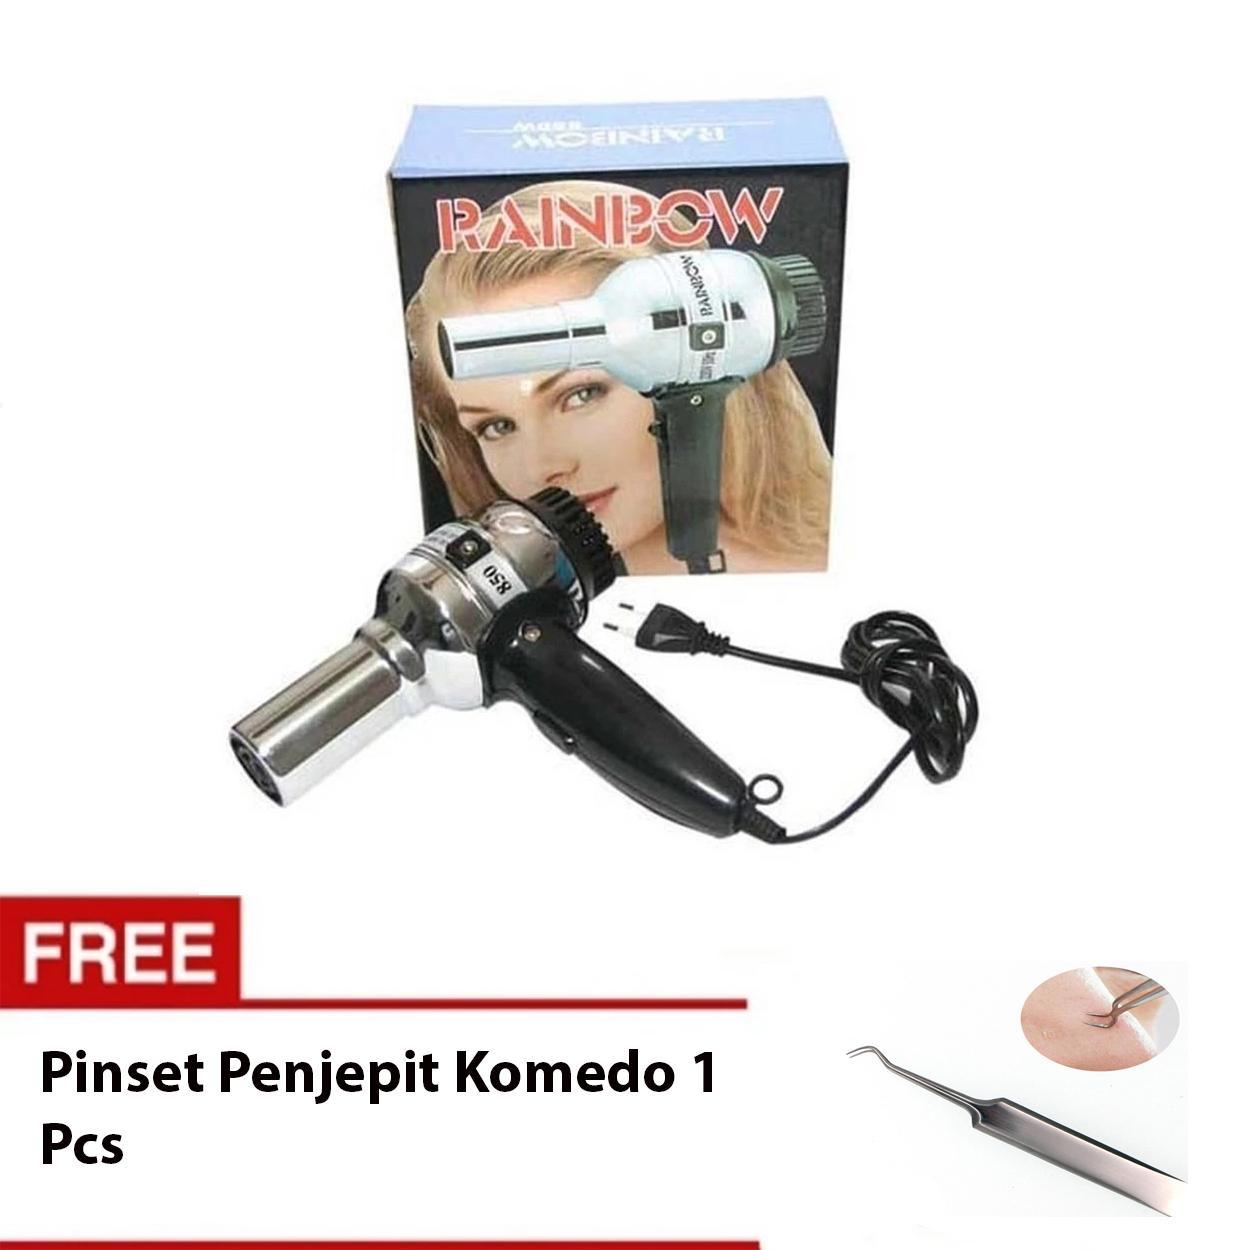 Rainbow Hair Dryer - Pengering Rambut Bundling Pinset Penjepit Komedo 1 Pcs